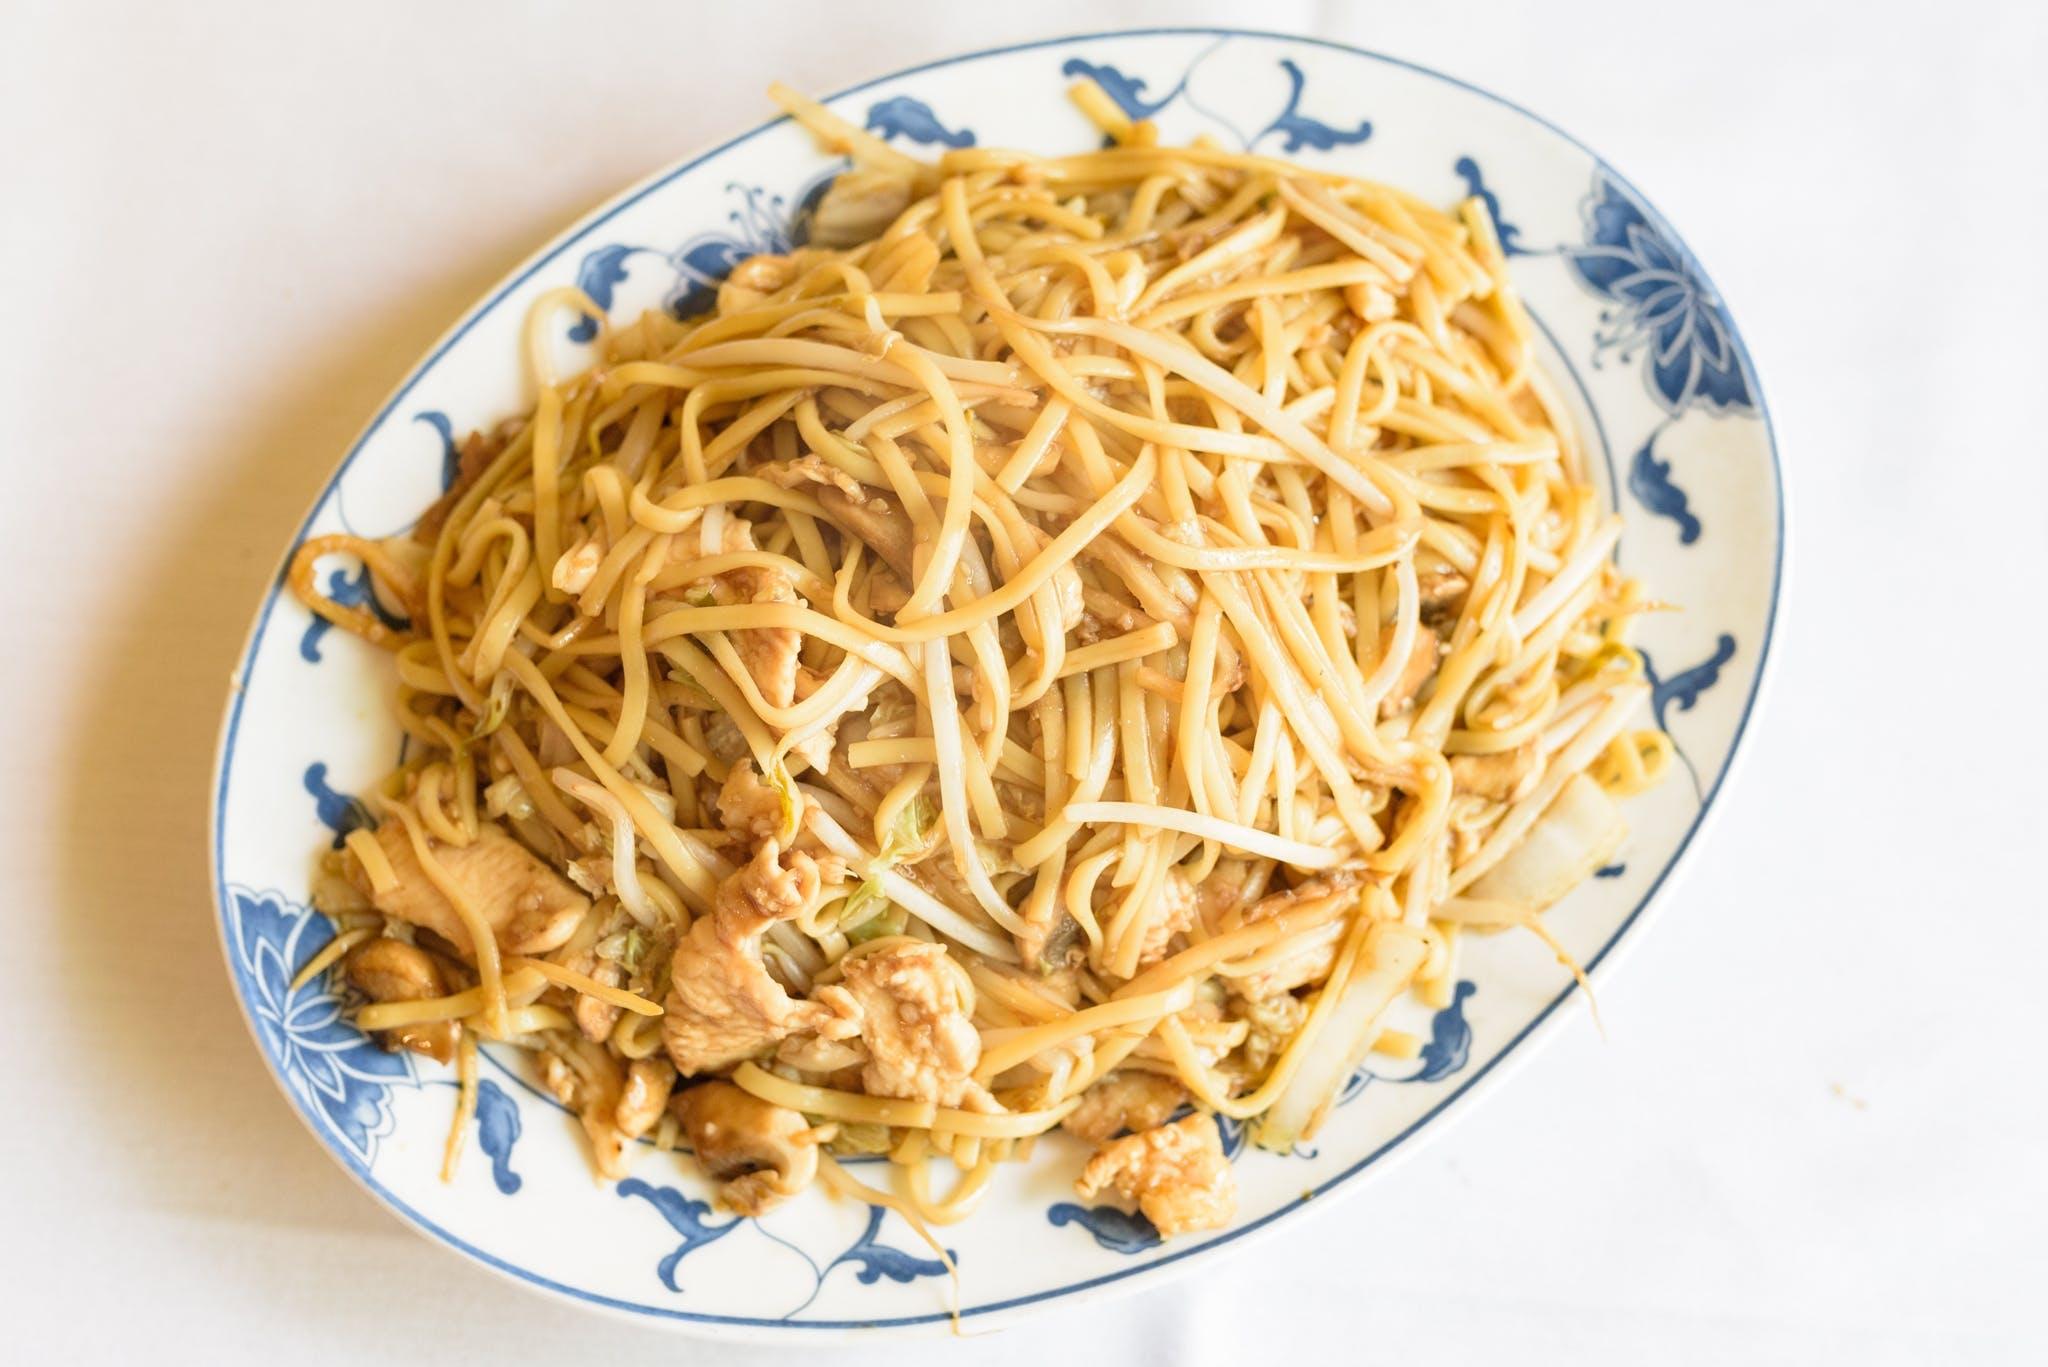 Chicken Lo Mein from Asian Legend in Ann Arbor, MI